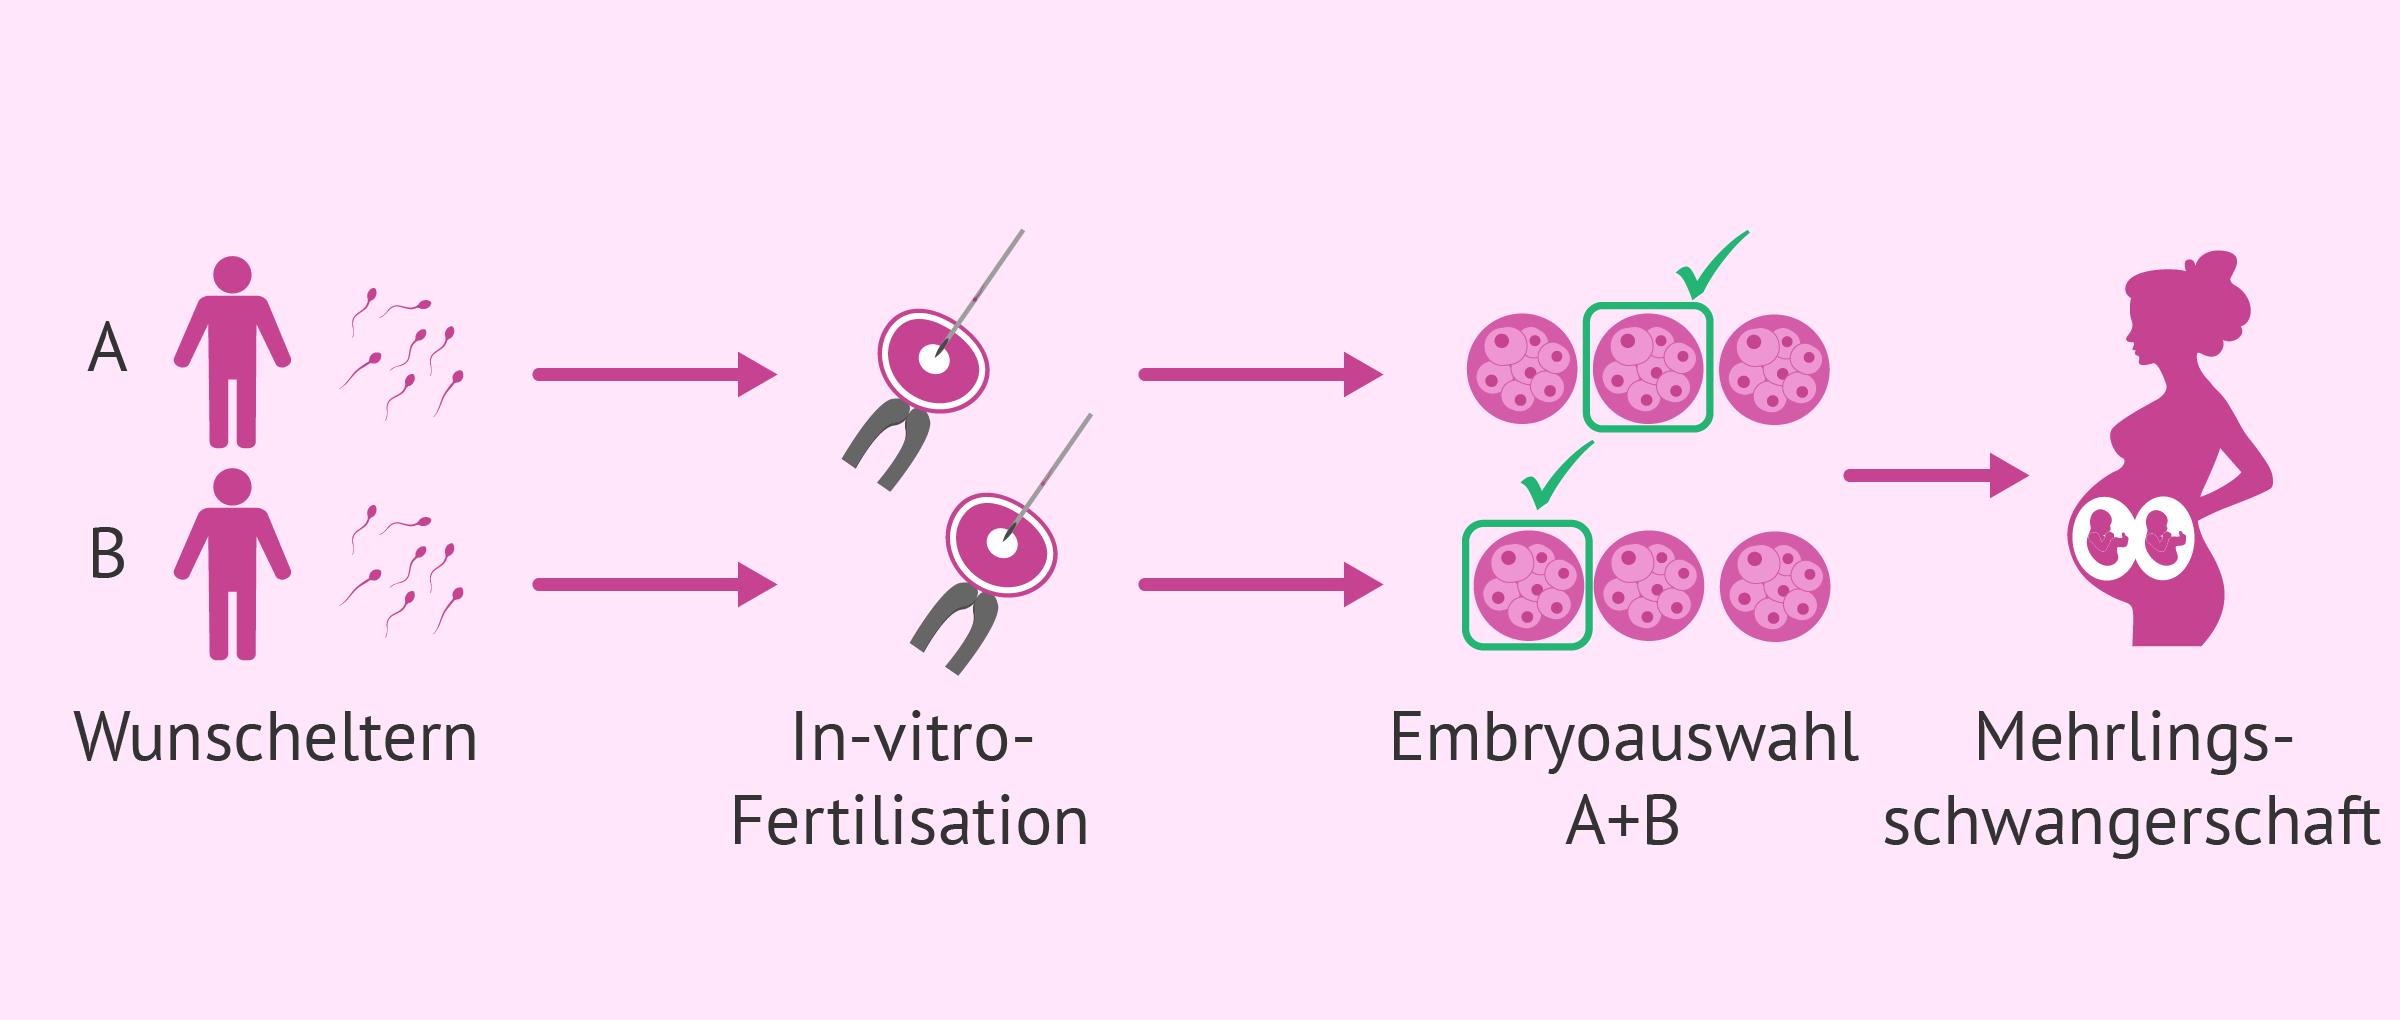 IVF in der Leihmutterschaft bei schwulen Paaren